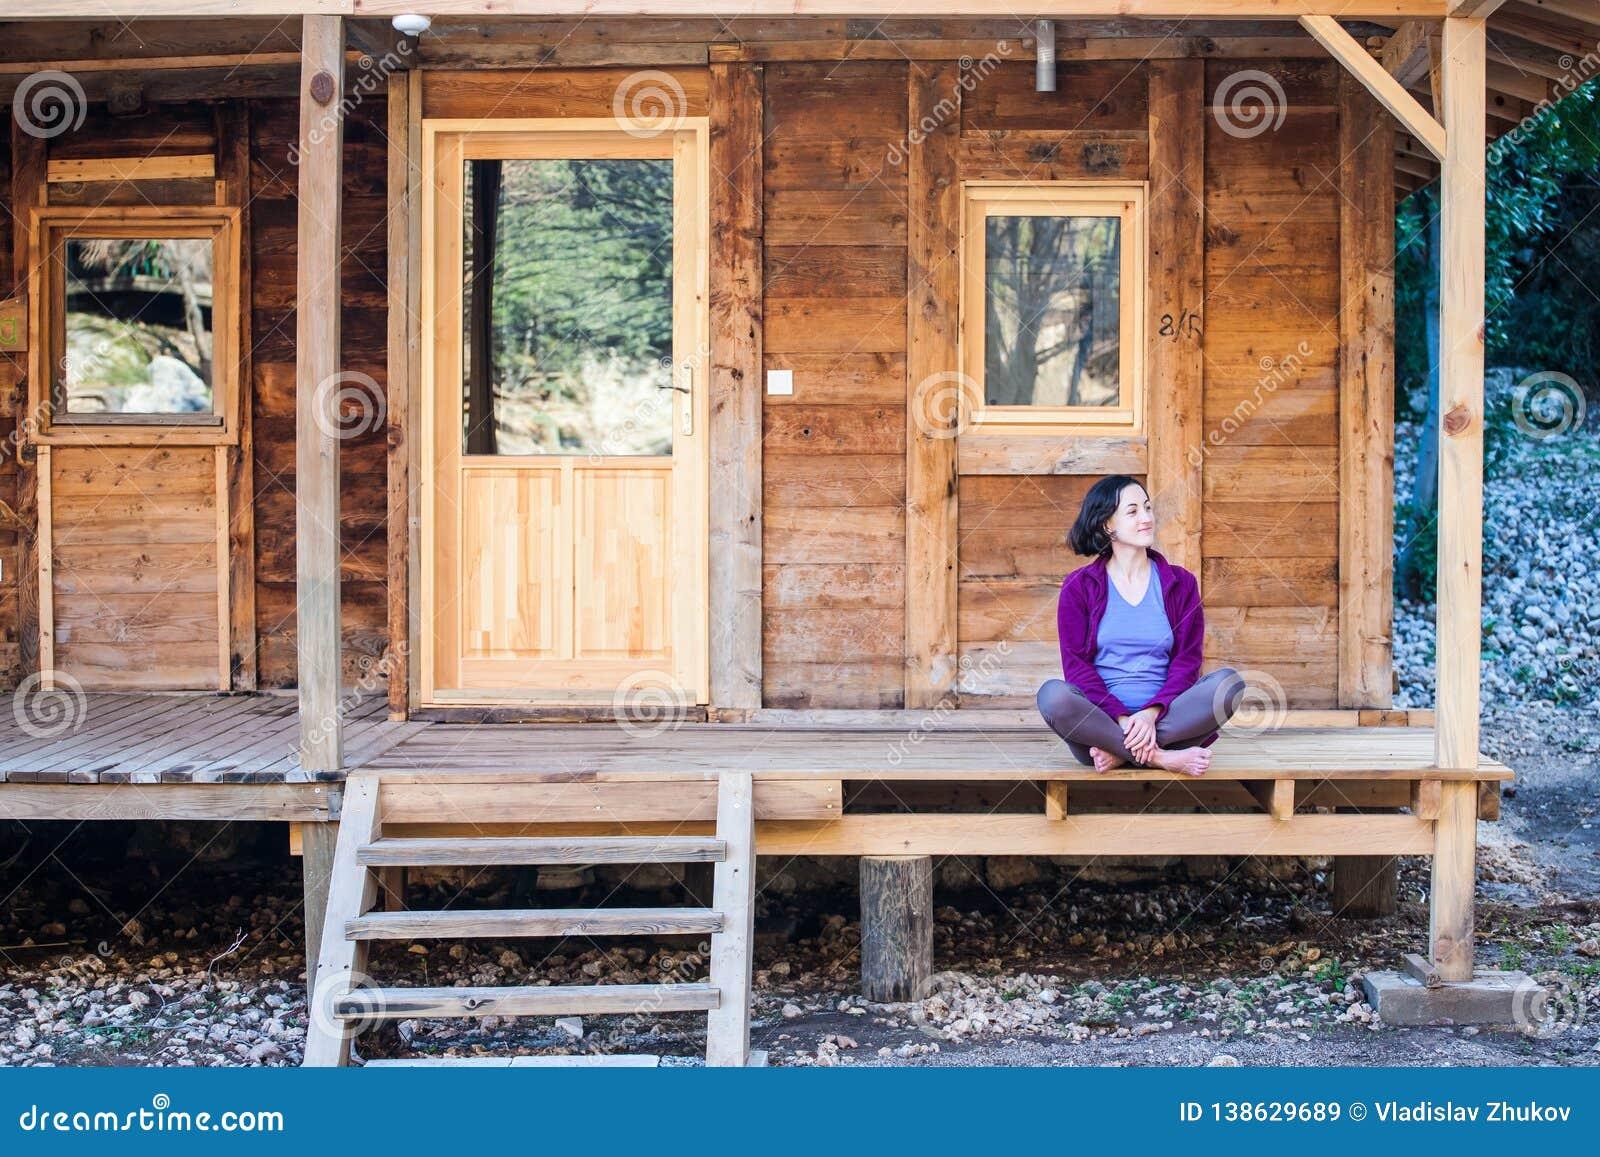 Una Mujer Se Está Sentando En El Pórtico De Una Casa De Madera ...